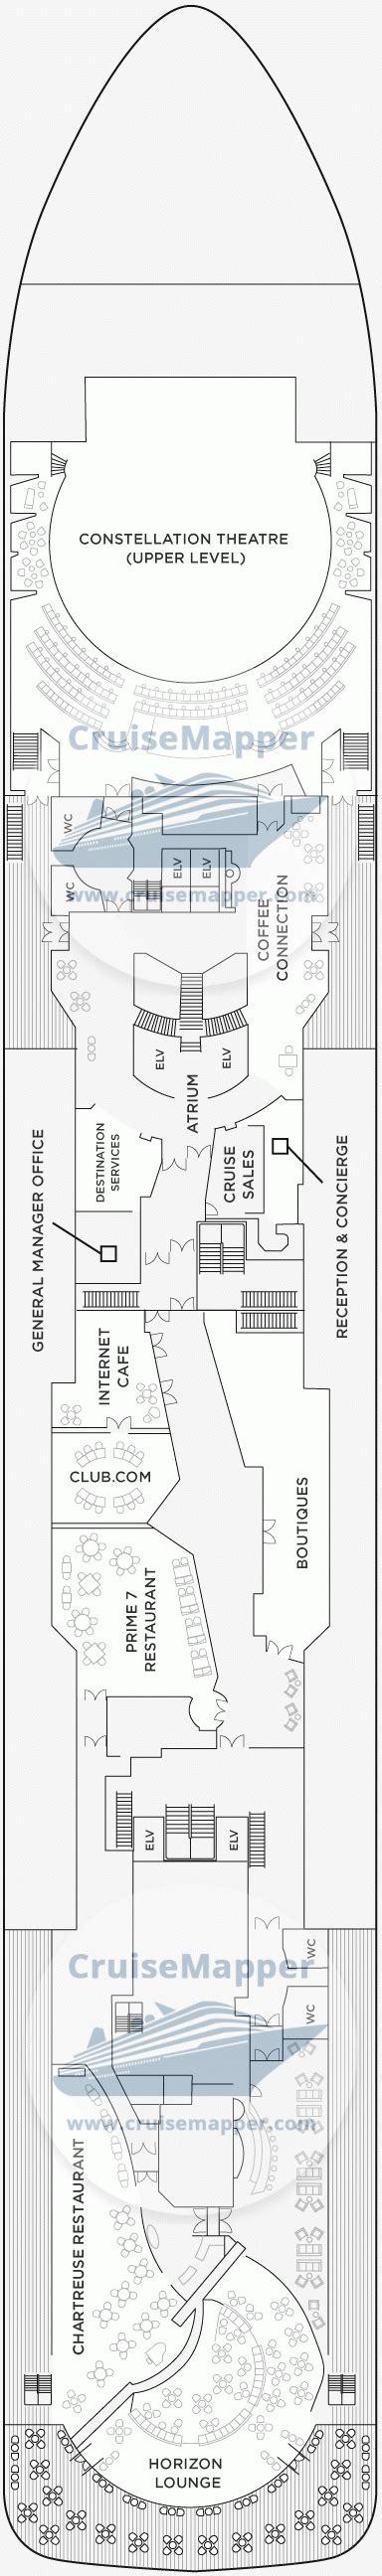 seas voyager deck  plan cruisemapper